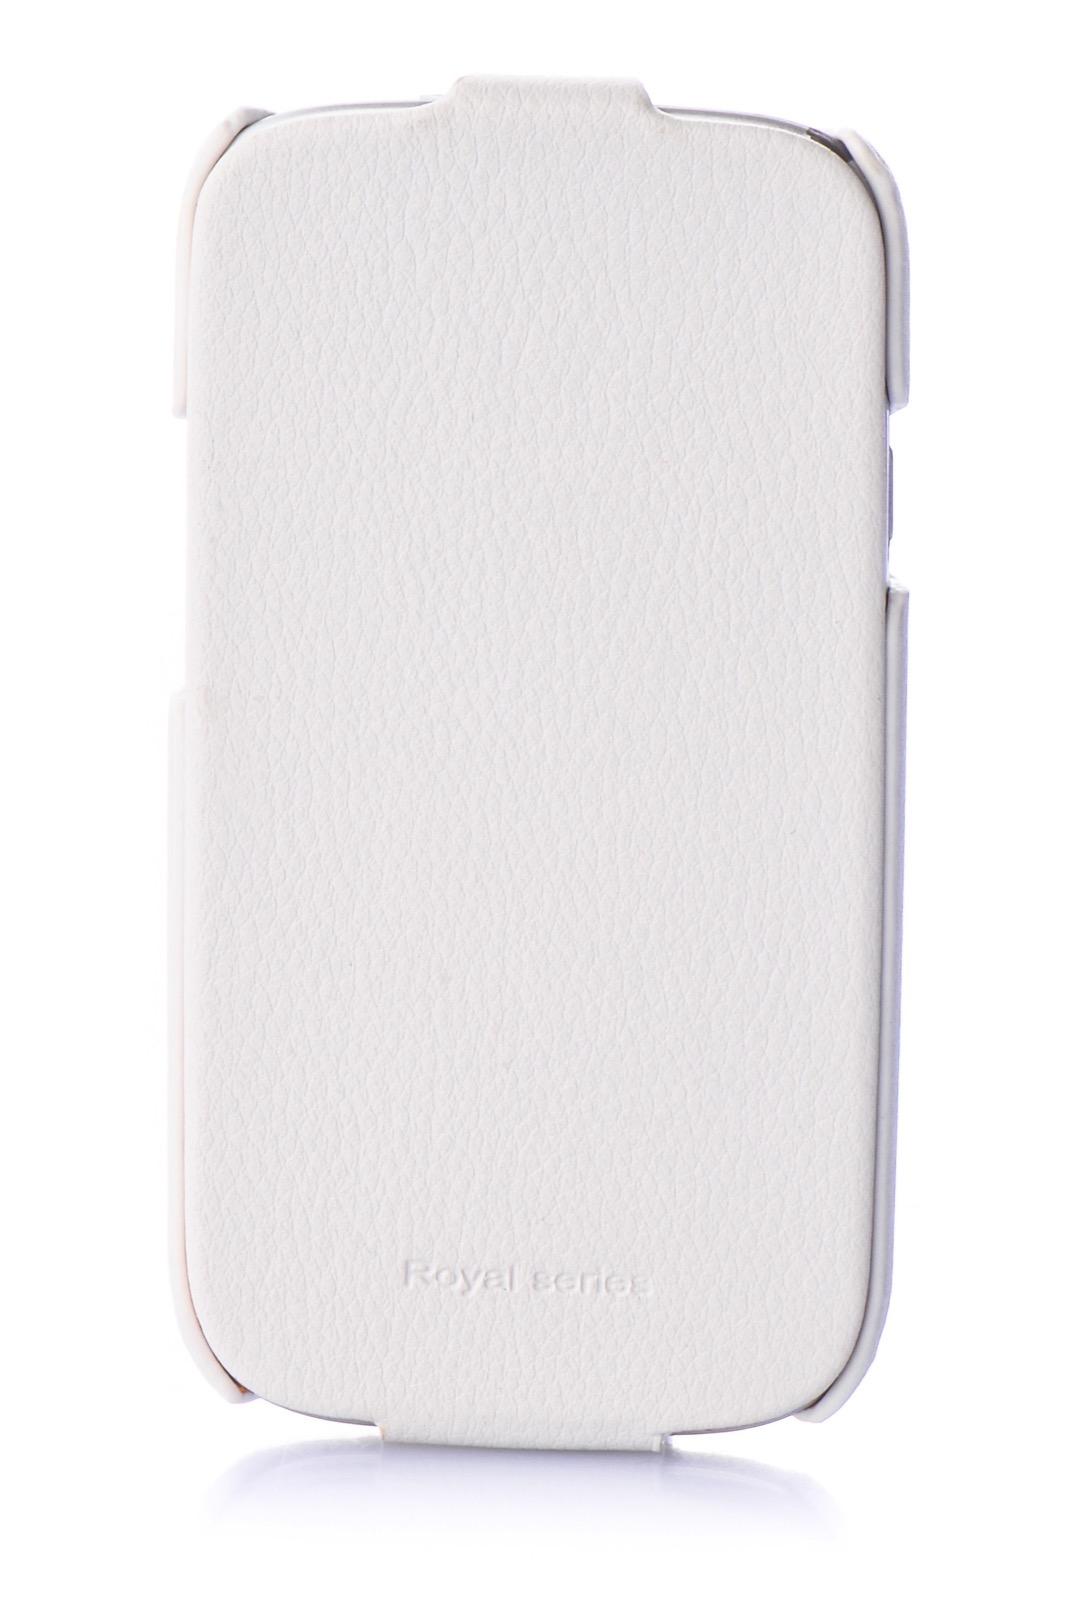 Чехол для сотового телефона Hoco Чехол книжка экокожа 380173 для Samsung S3, белый